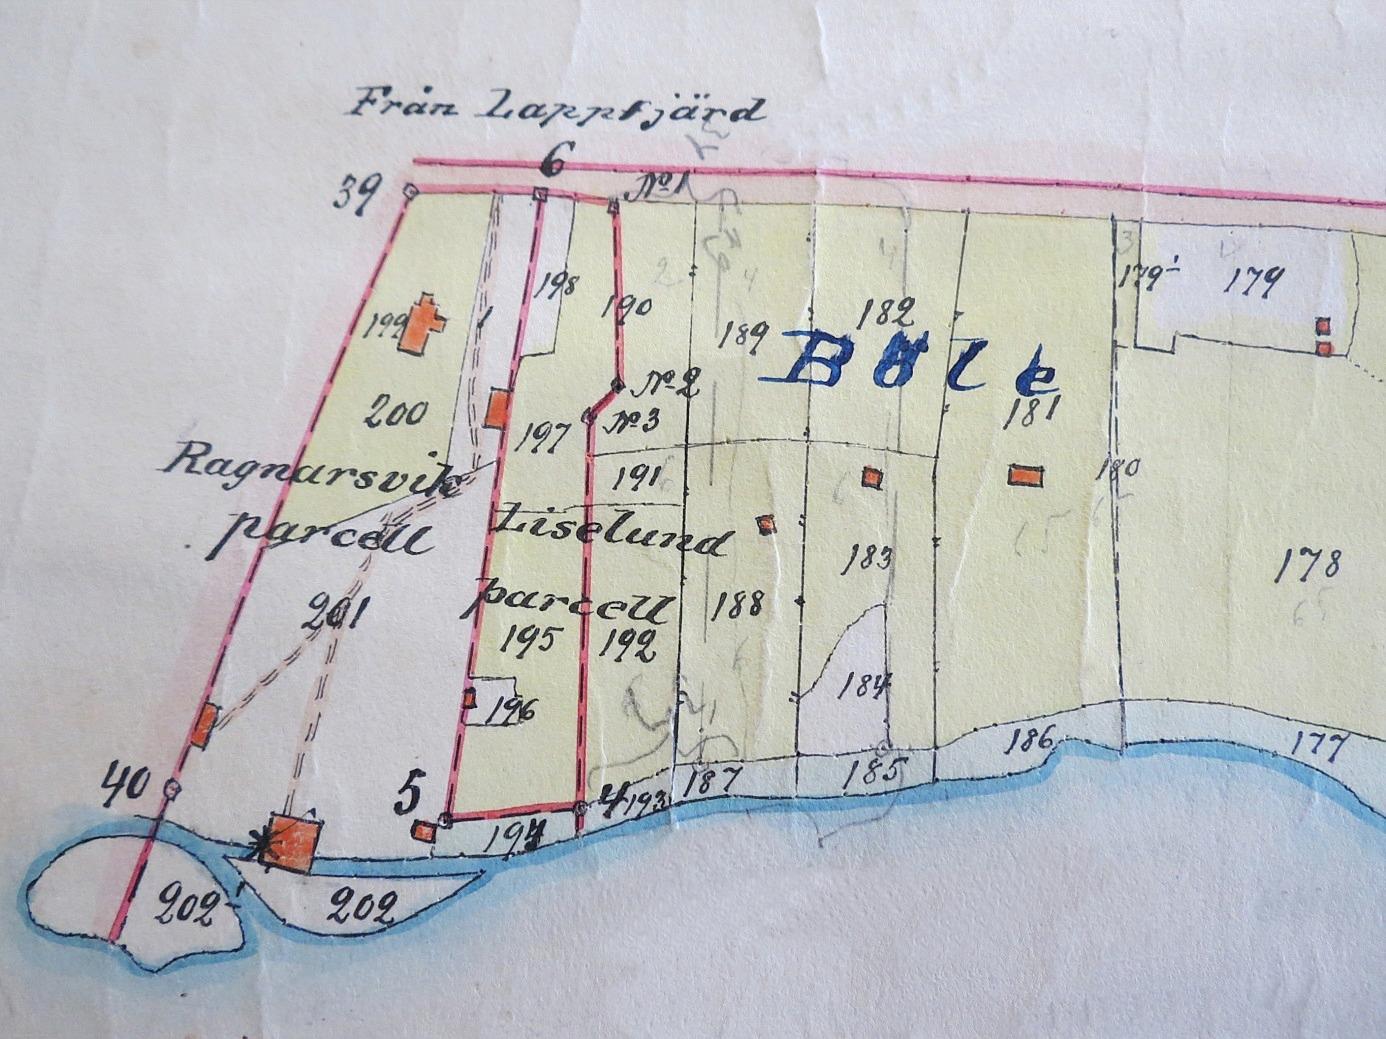 På storskifteskartan från början på 1900-talet, så ser vi att Ragnarsvik och Liselund ligger precis på rån till Lappfjärd. Området kallas också för Böle och österut från parcellen Liselund finns hemmanet 1:11 som tillhörde Klemes-Kalle och Fina.